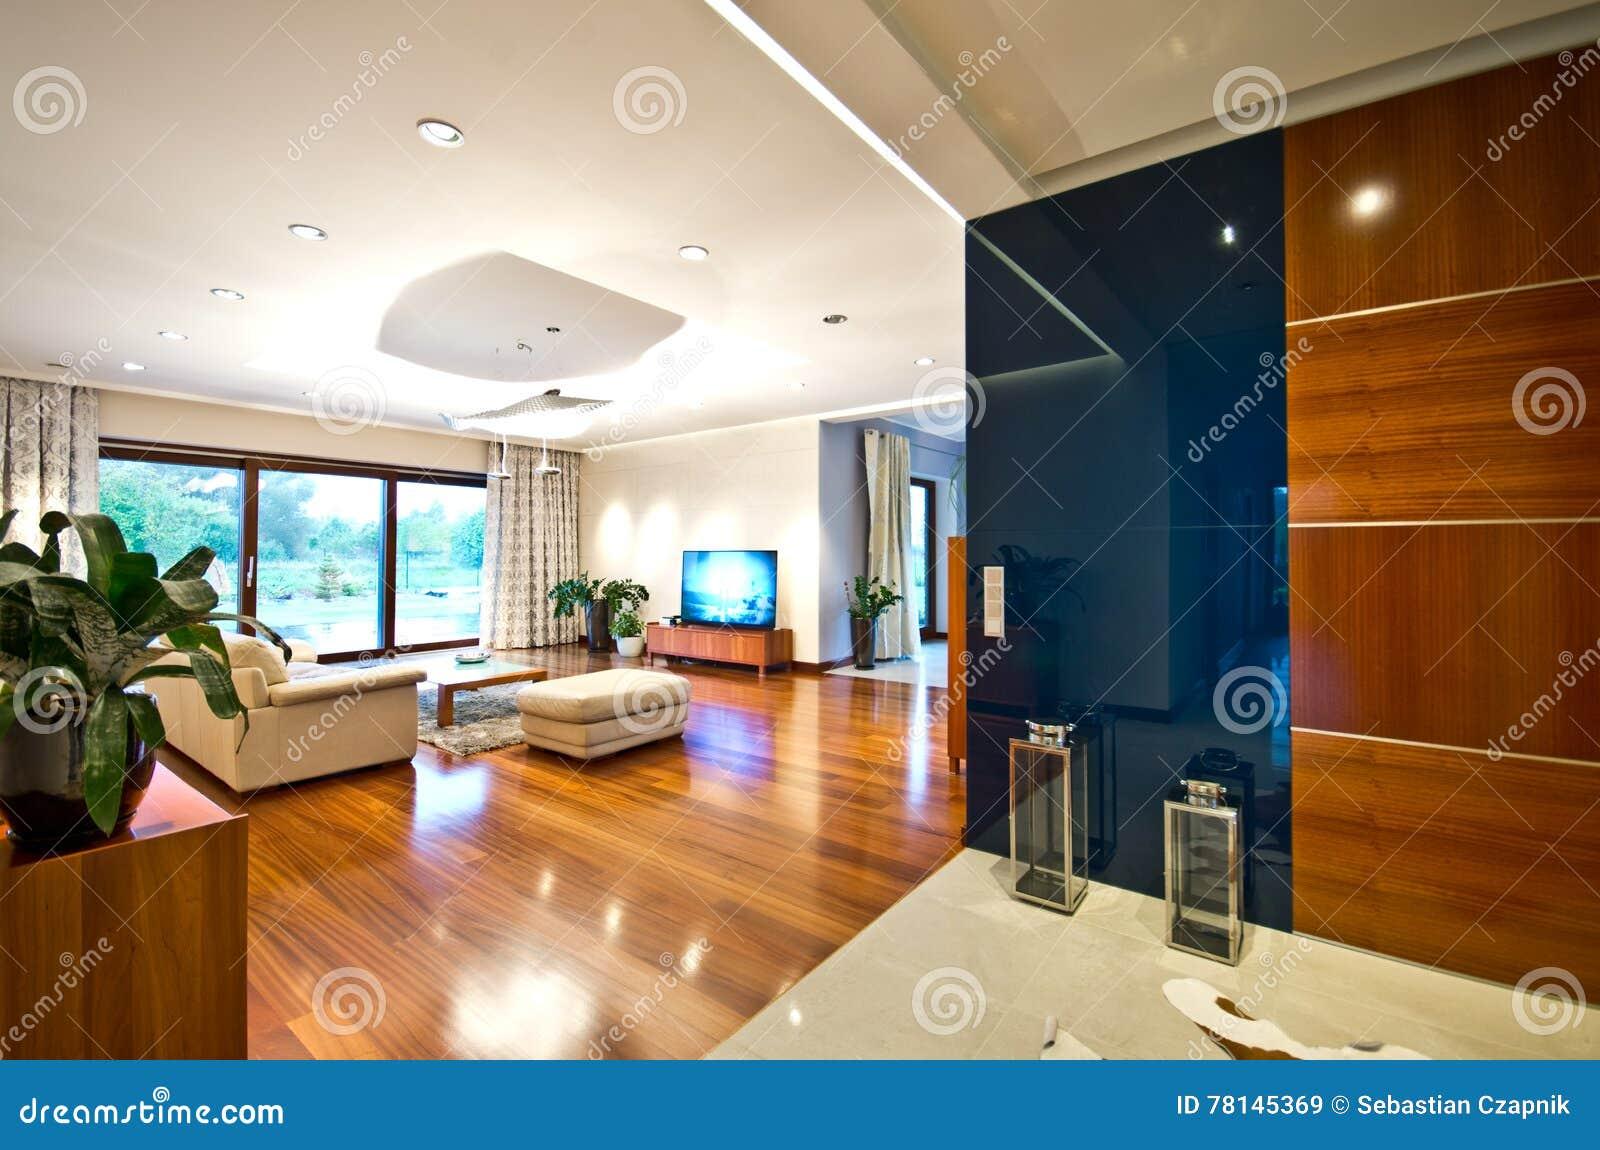 Modernes elegantes wohnzimmer